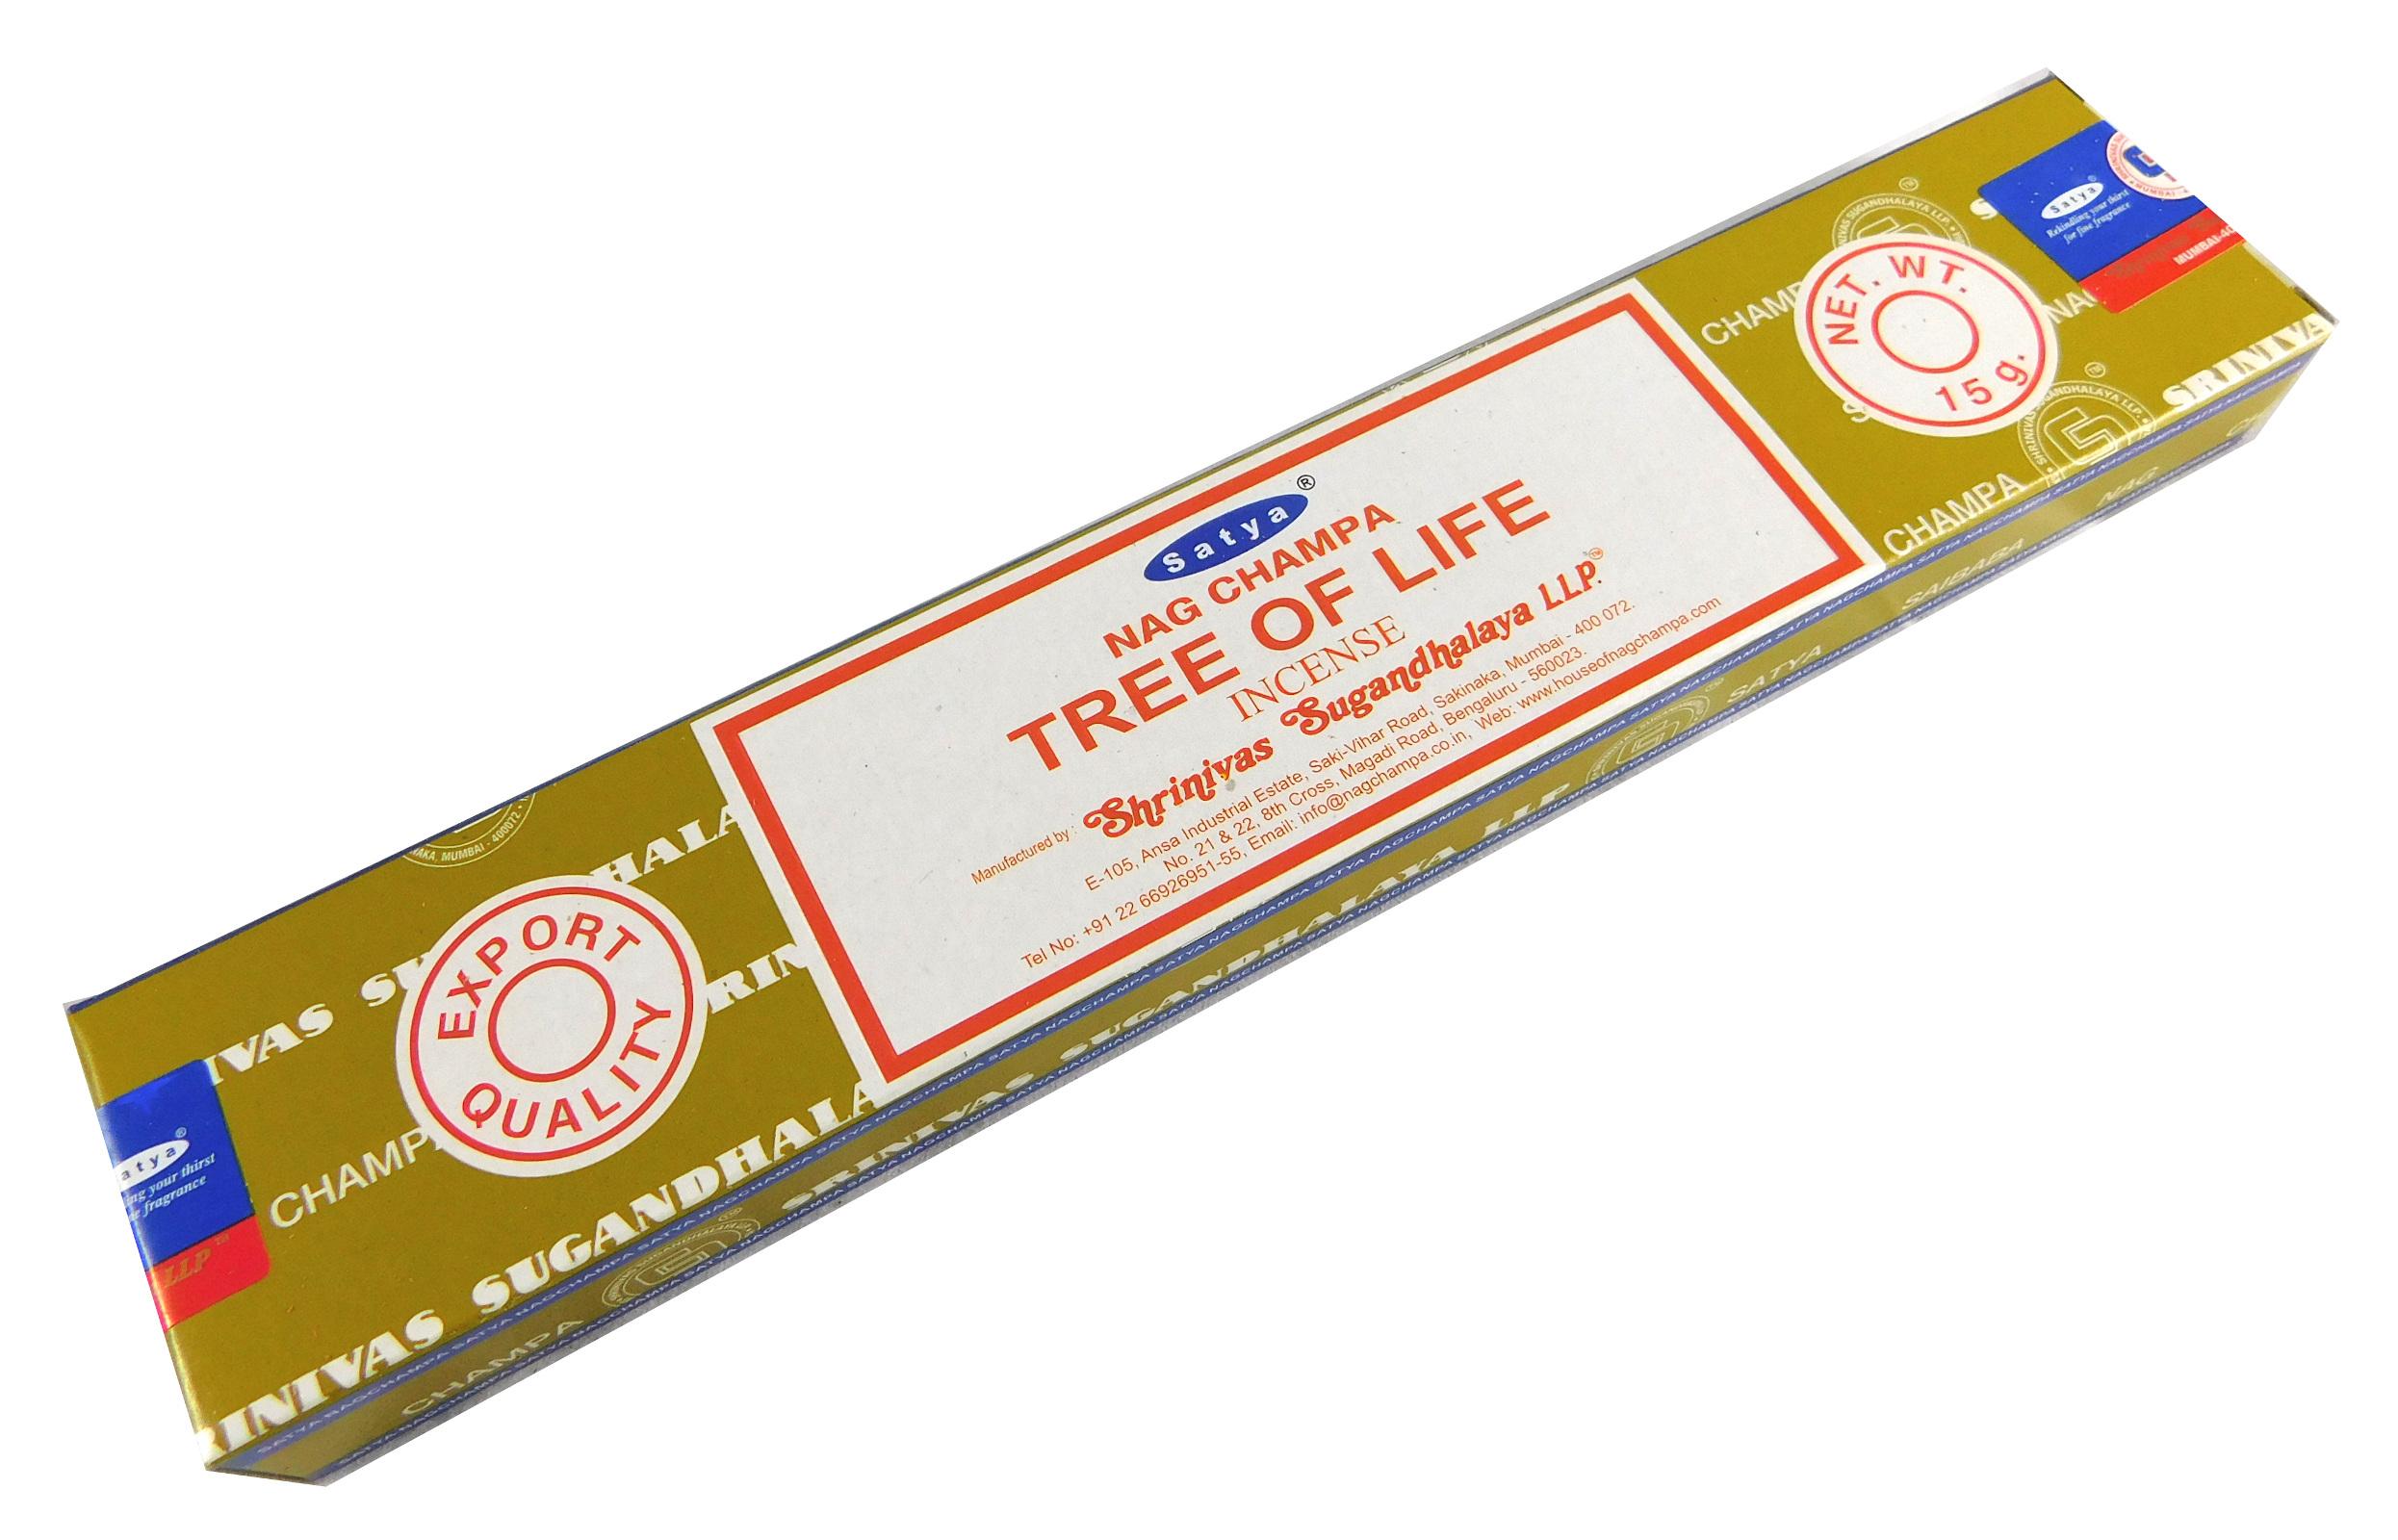 Räucherstäbchen Tree of Life von Satya 15g Packung. Ca. 15 Incence Sticks